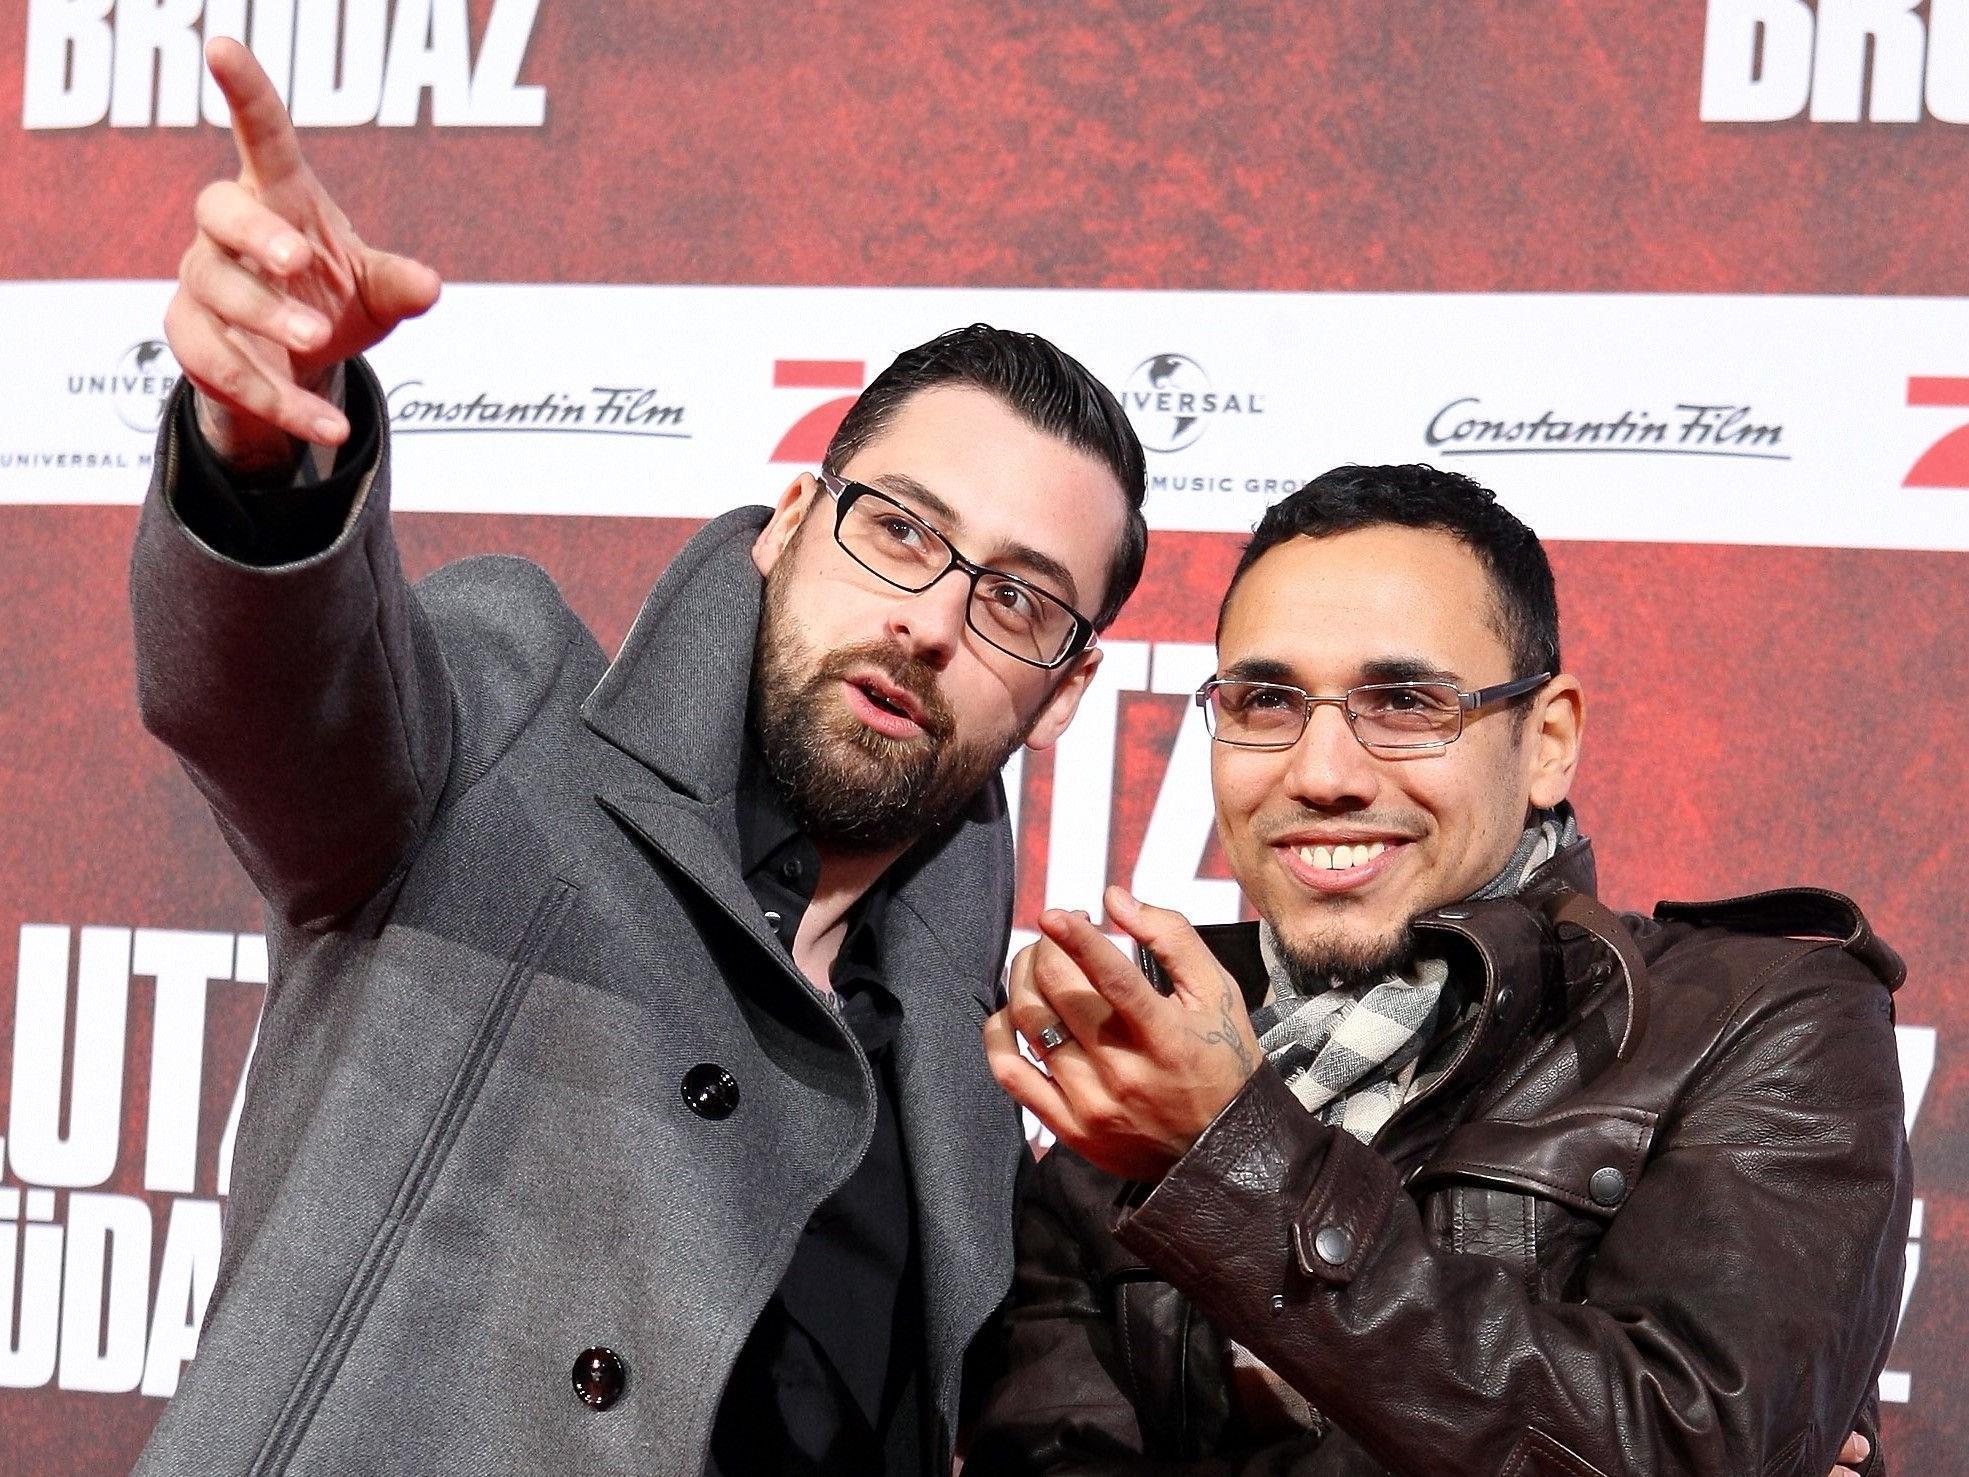 Die ehemaligen WG-Kollegen haben es in der deutschen Hip-Hop Szene weit gebracht.